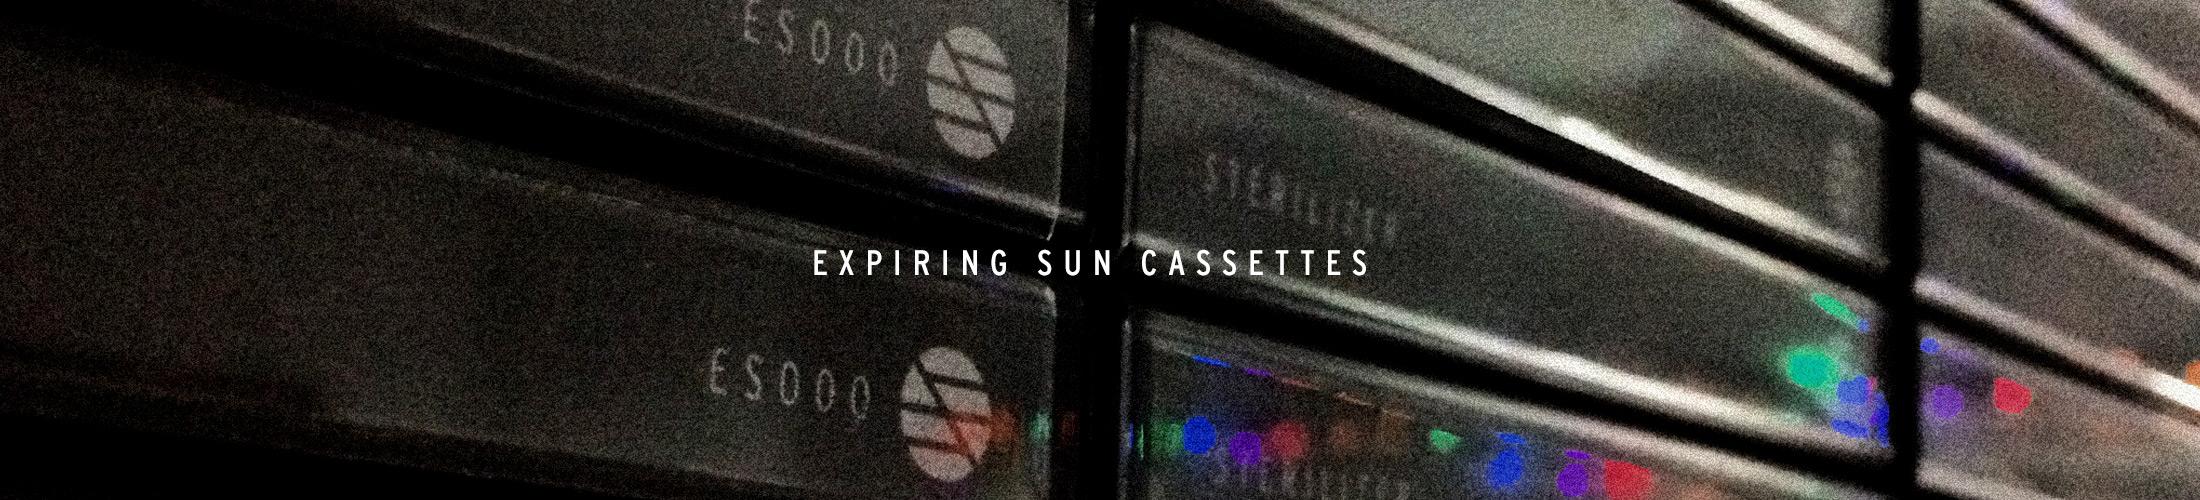 expiringsuncassettes_header.jpg